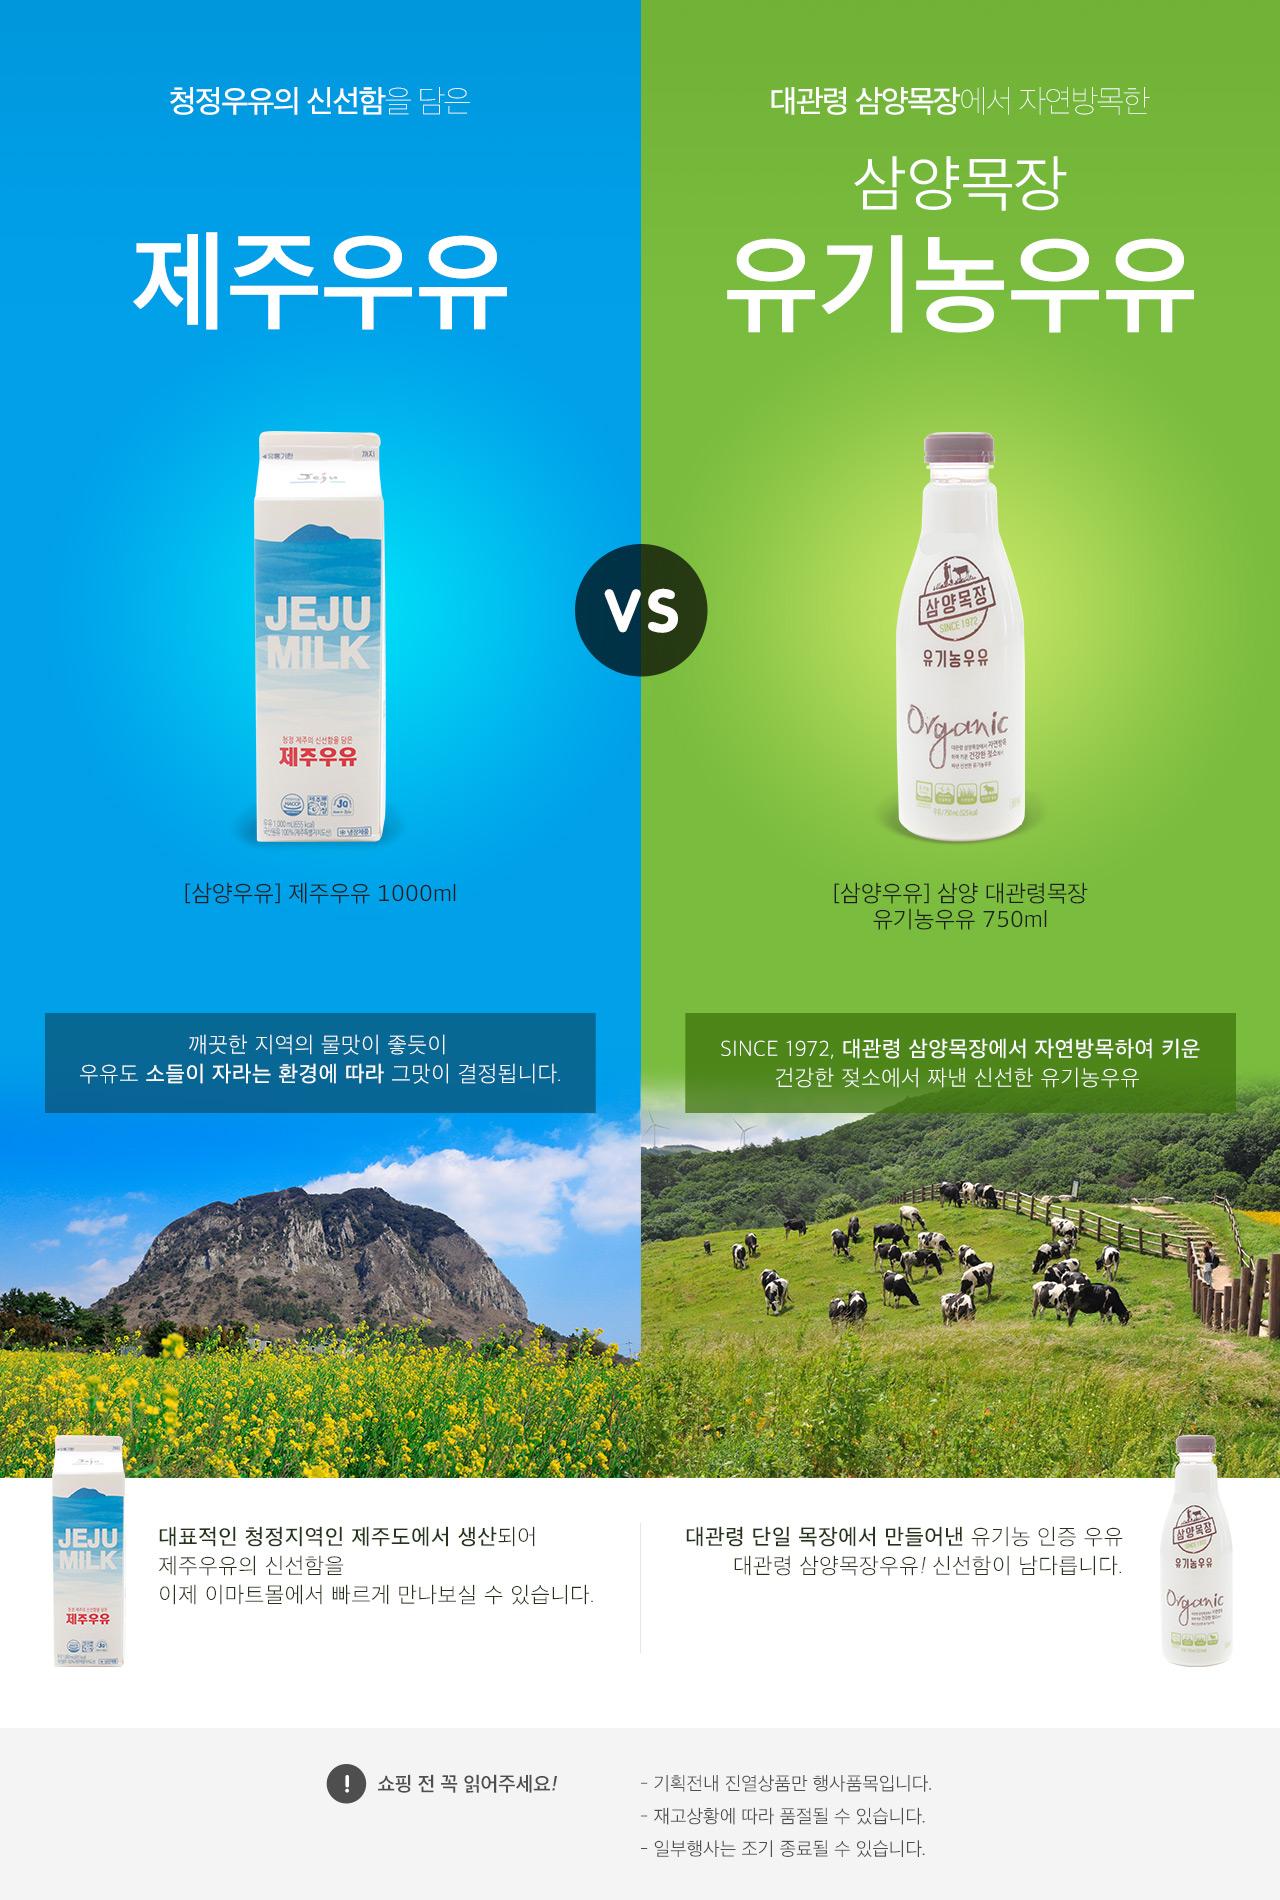 청정우유의 신선함을 담은 제주우유vs대관령 삼양목장에서 자연방목한 삼양목장 유기농우유